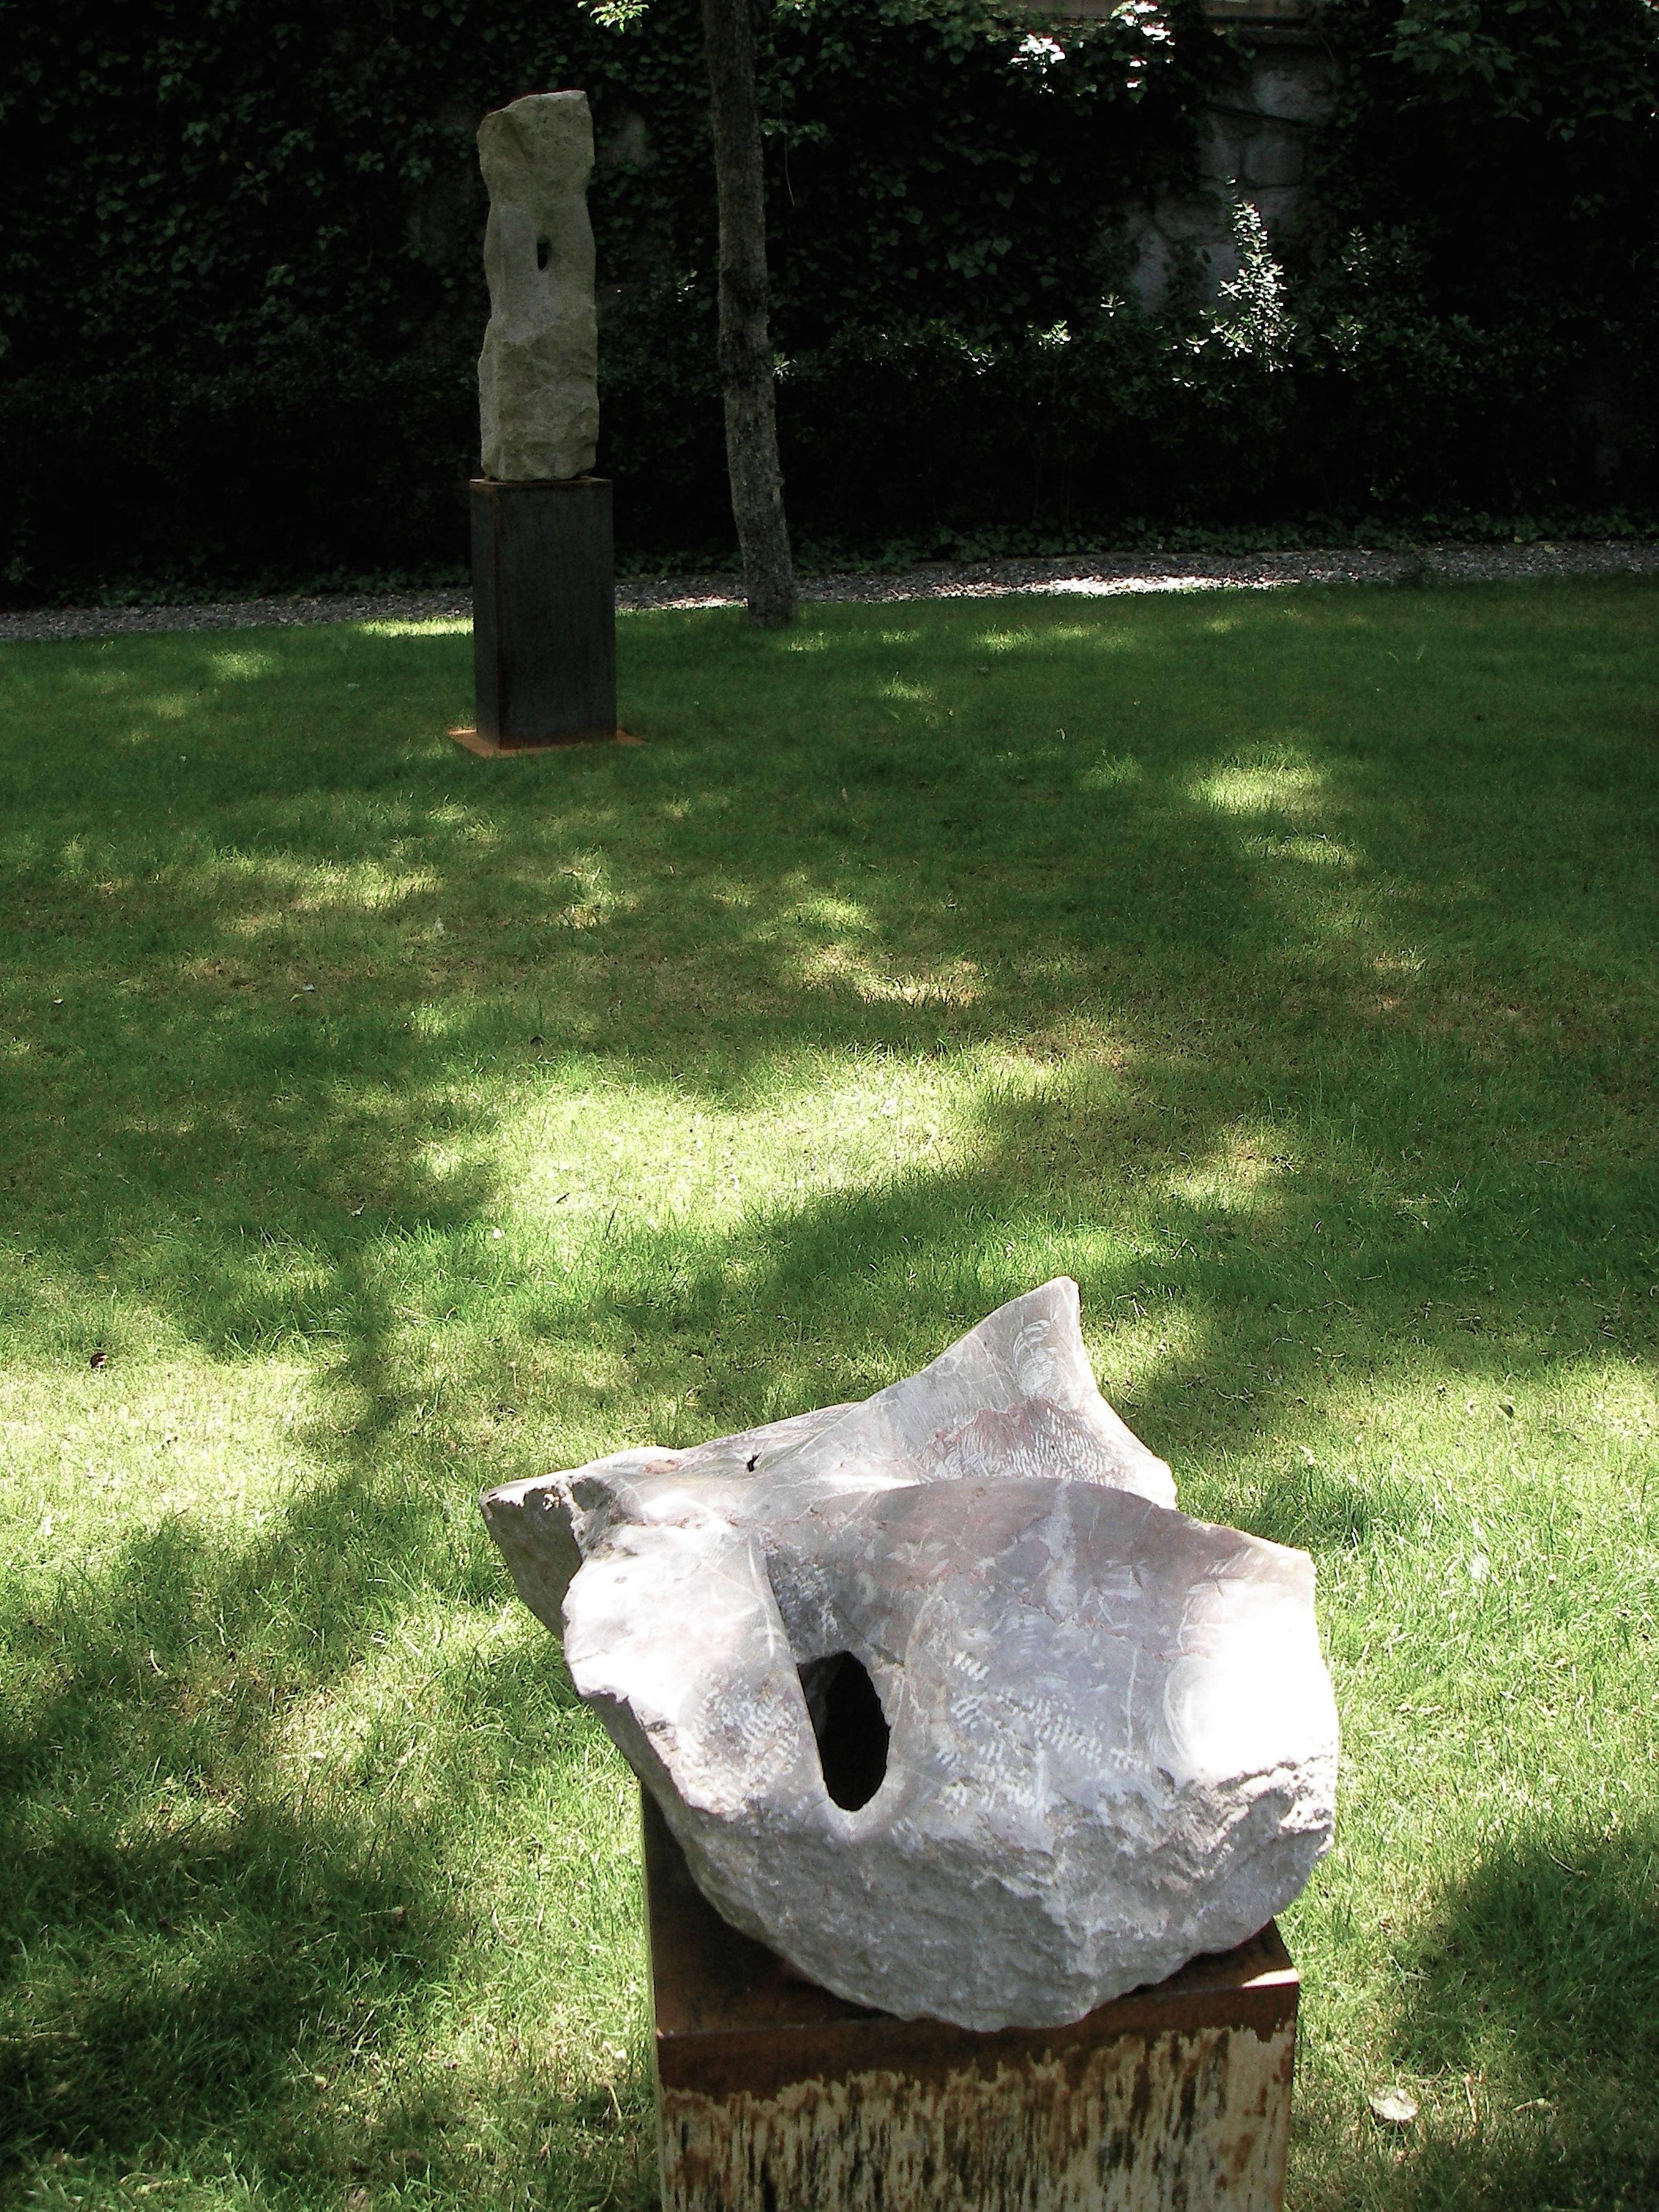 Rosa Dolomit Ankara - dahinter Roter Andesit - Garten Österreichische Botschaft